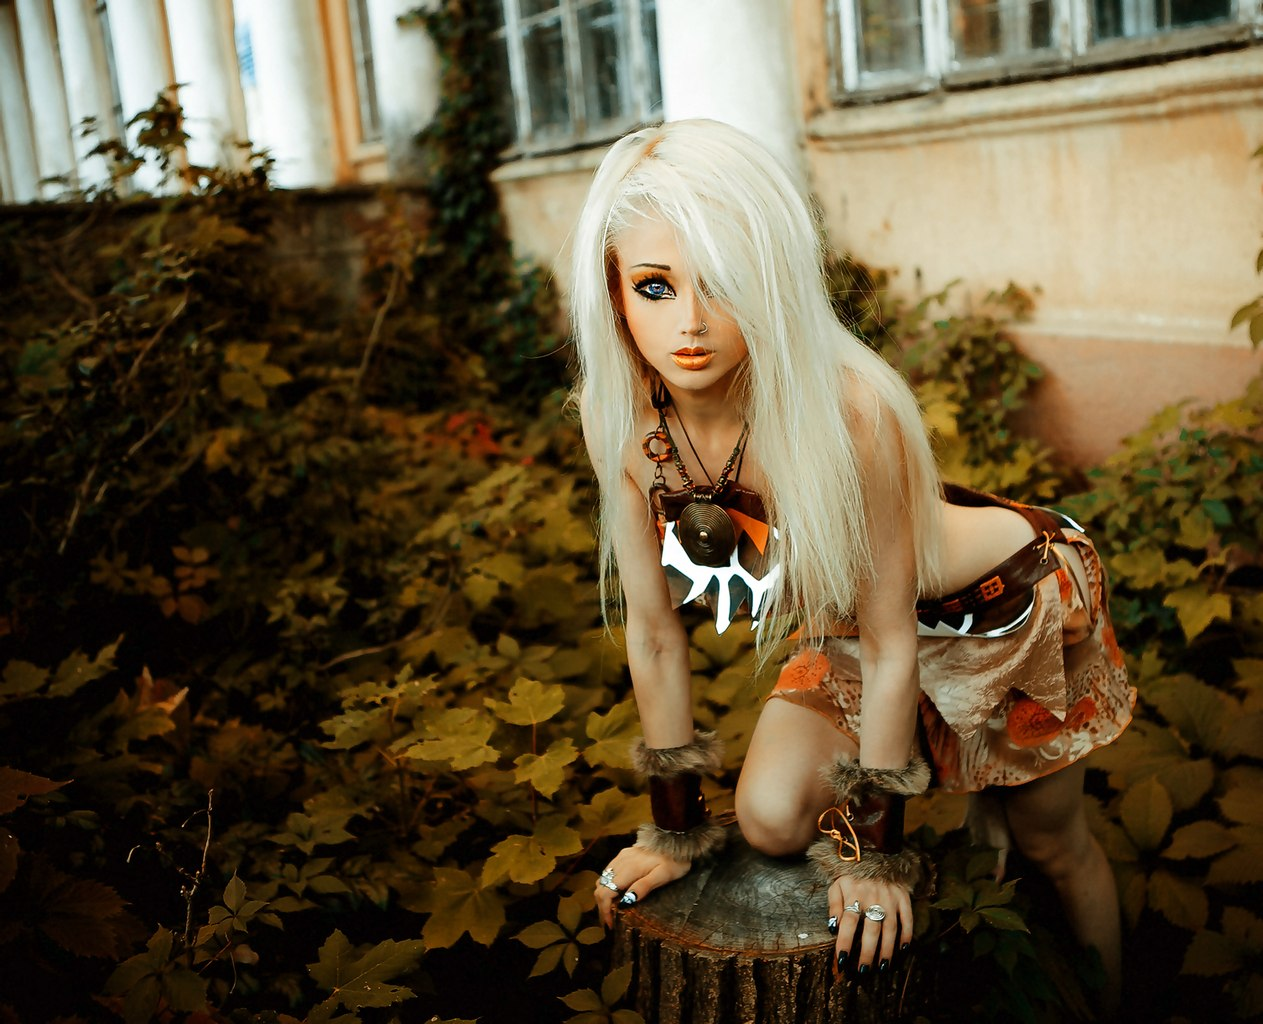 у 29-летней украинской модели Валерии Лукьяновой на Фэйсбук около 1 млн 200 тысяч подписчиков